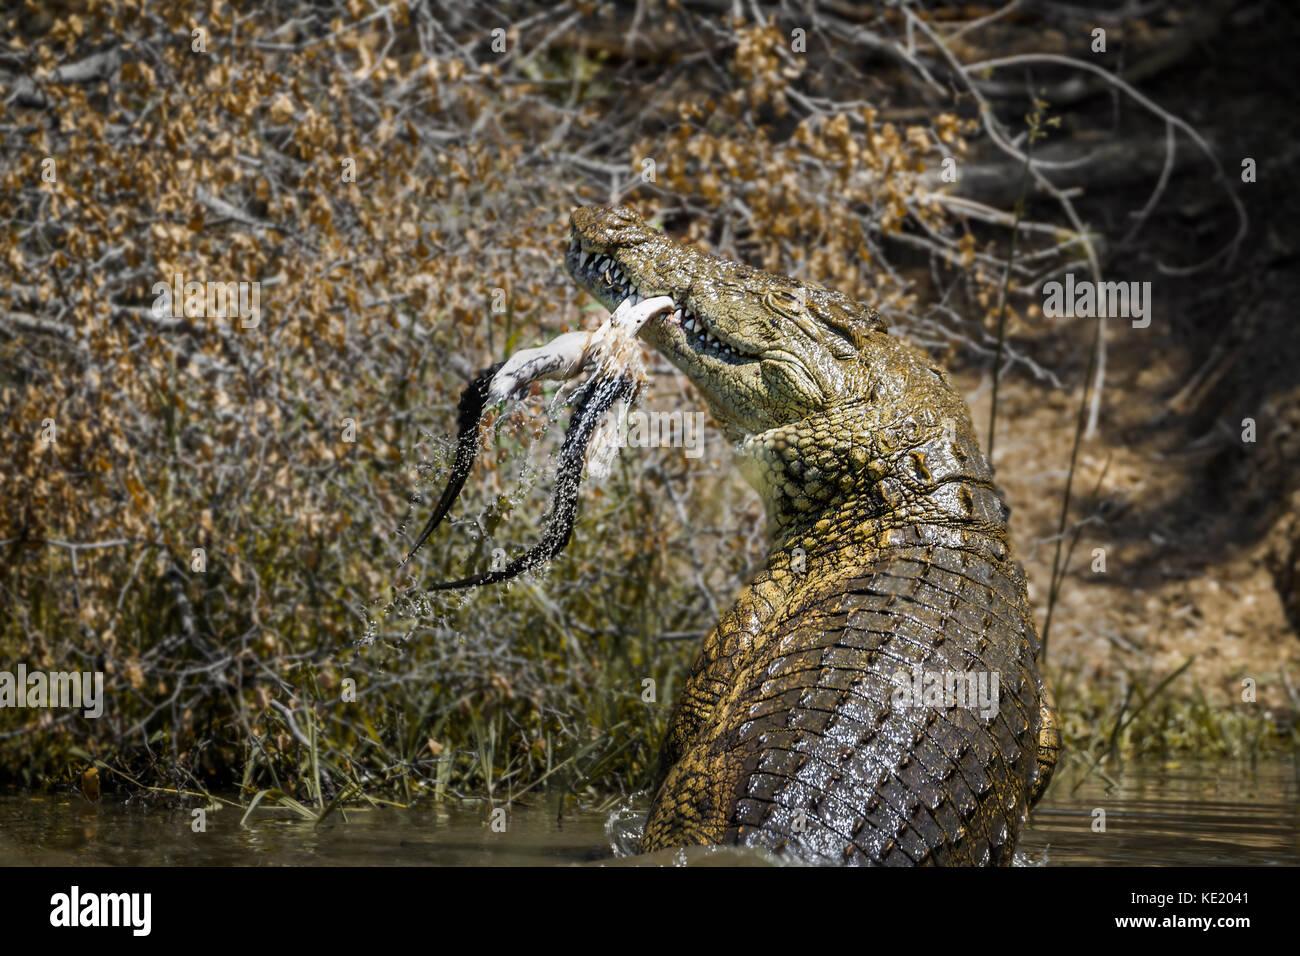 Coccodrillo del Nilo nel parco nazionale di Kruger, sud africa ; specie Crocodylus niloticus famiglia di crocodylidae Foto Stock